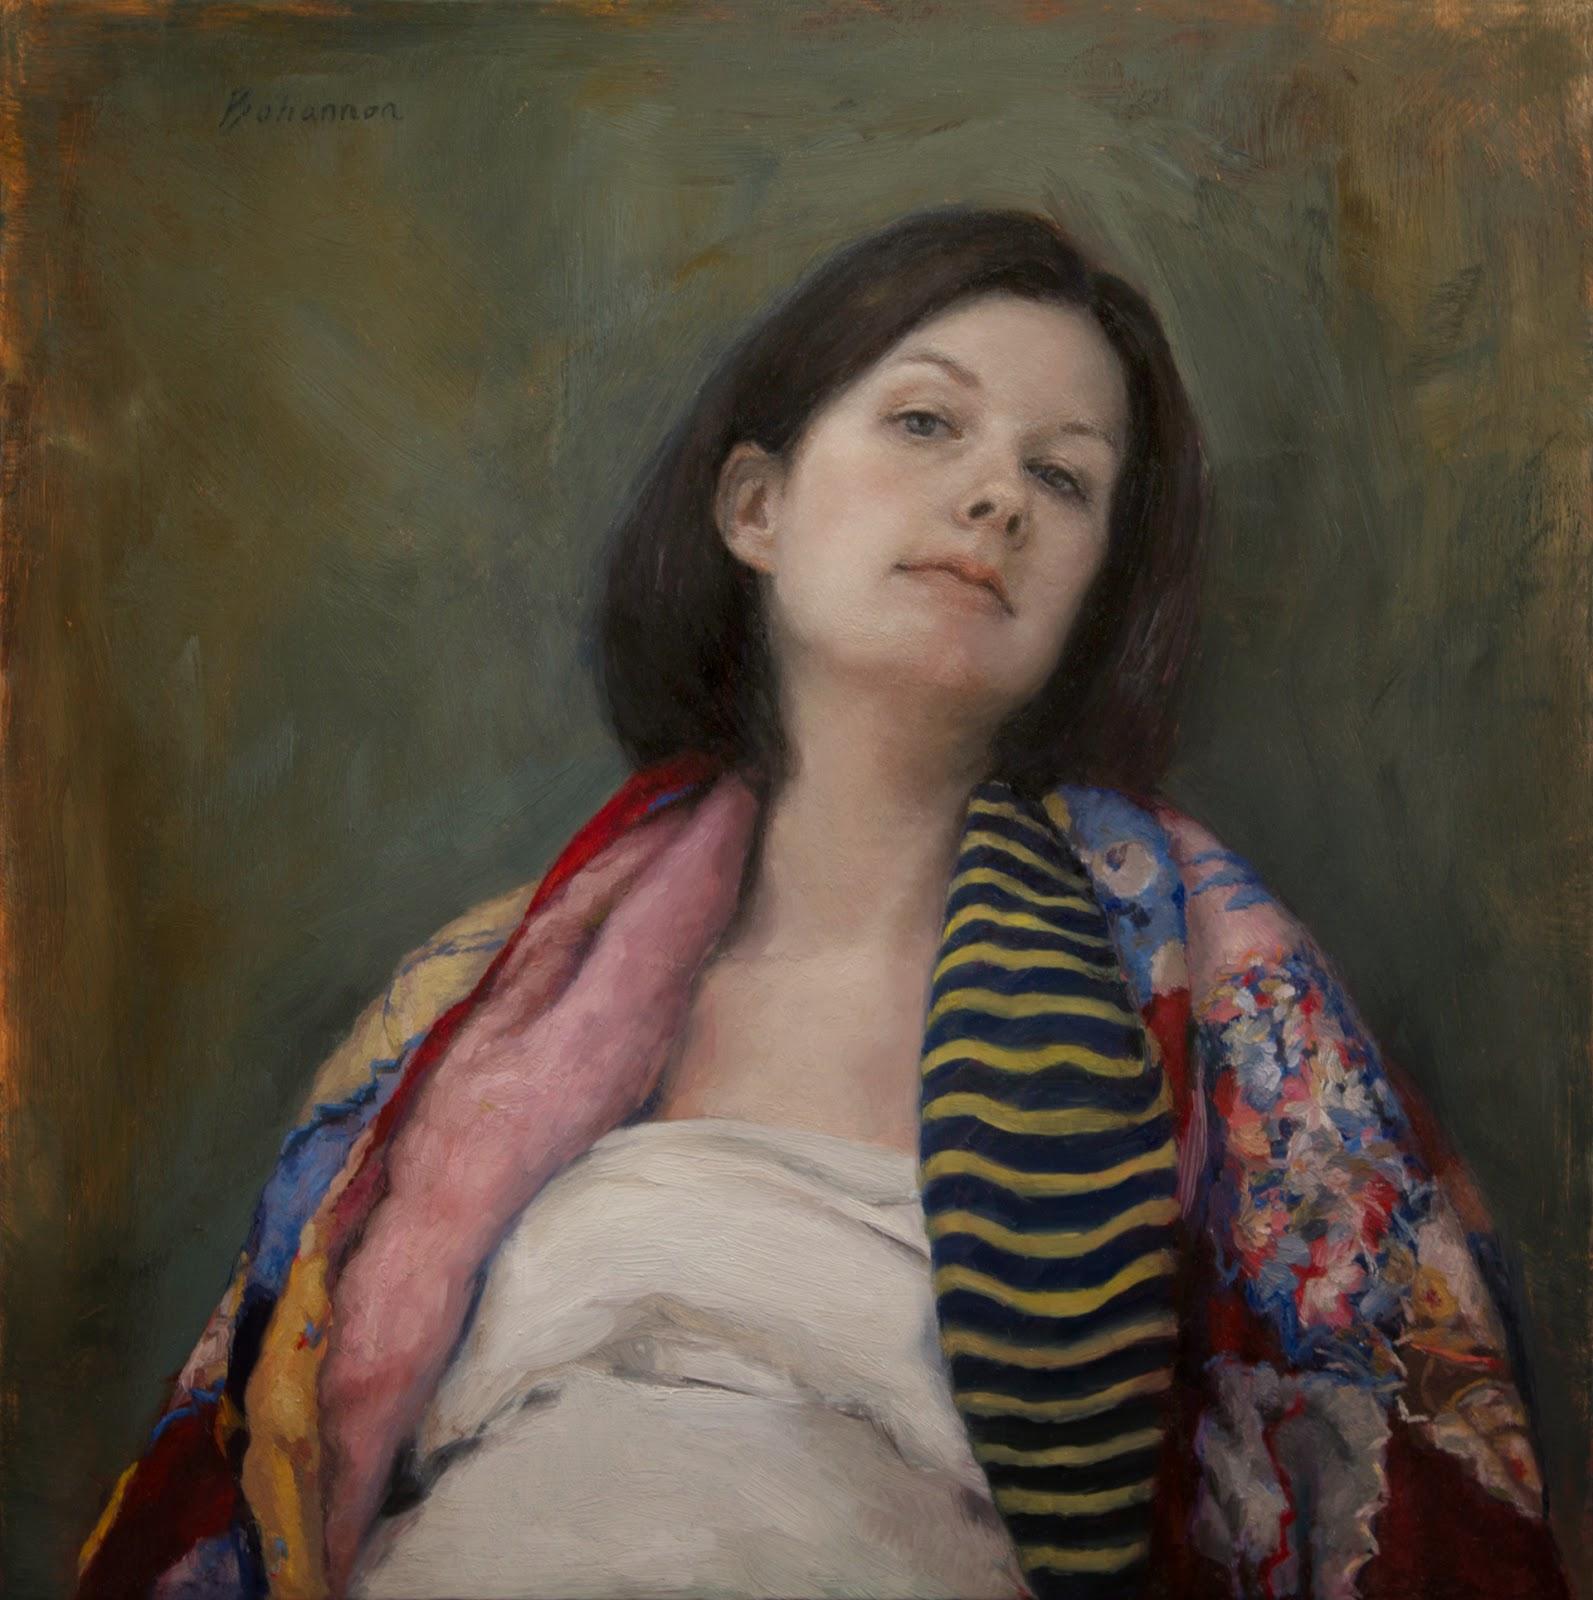 Artist Candice Bohannon Pregnancy Portrait Oil Painting Pregnant Woman On Copper